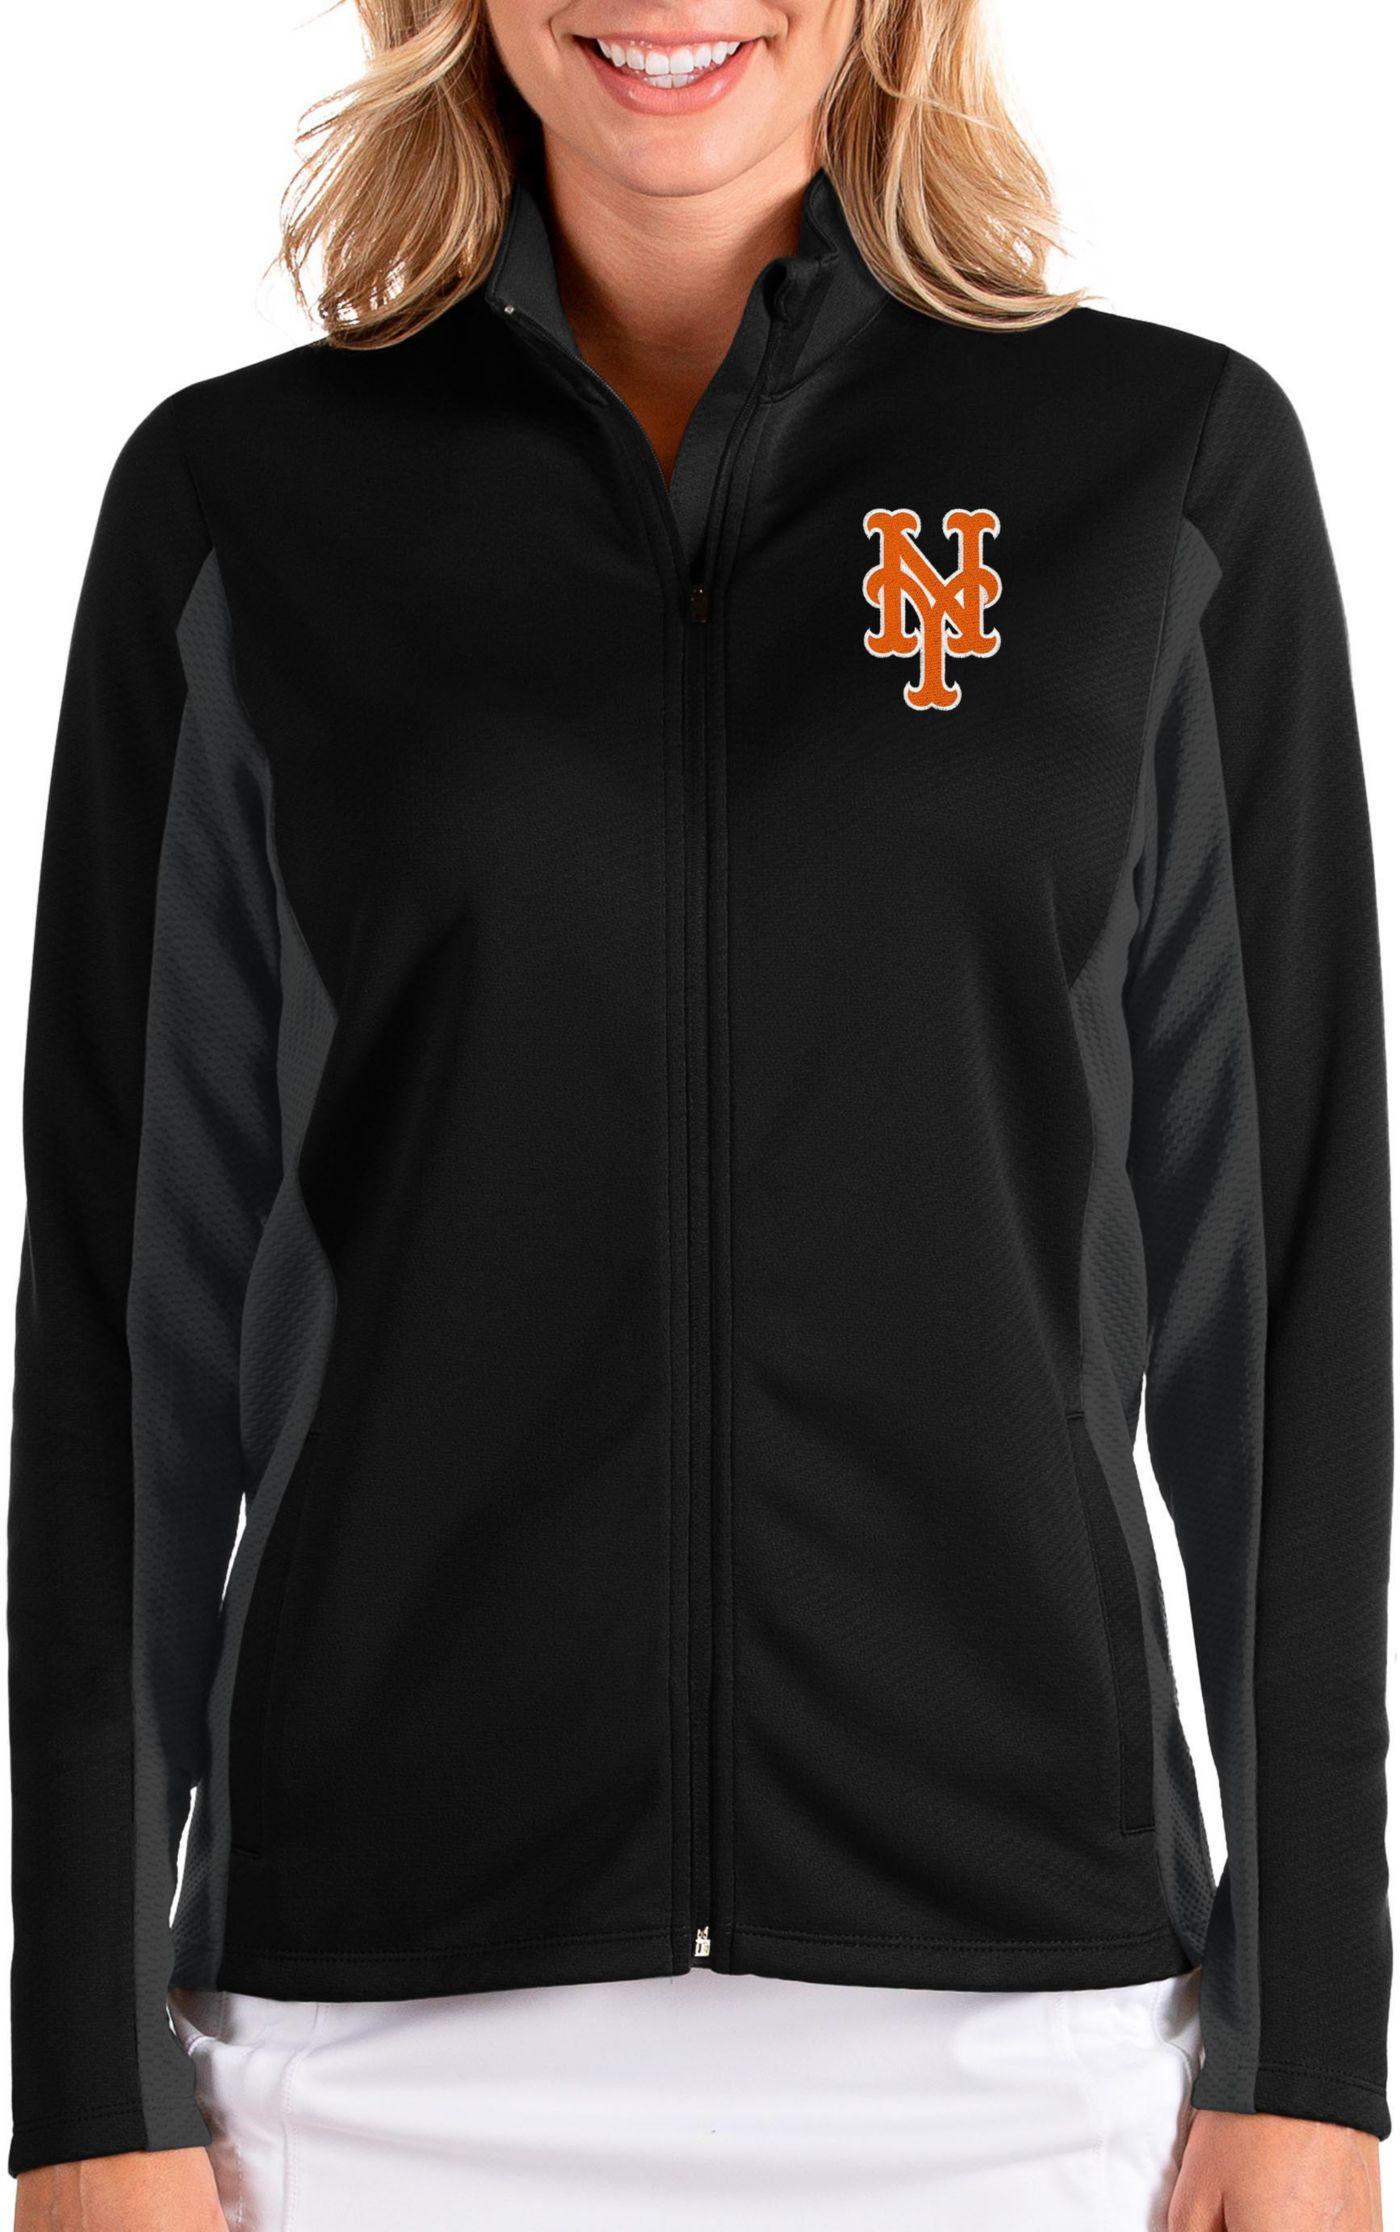 Antigua Women's New York Mets Black Passage Full-Zip Jacket